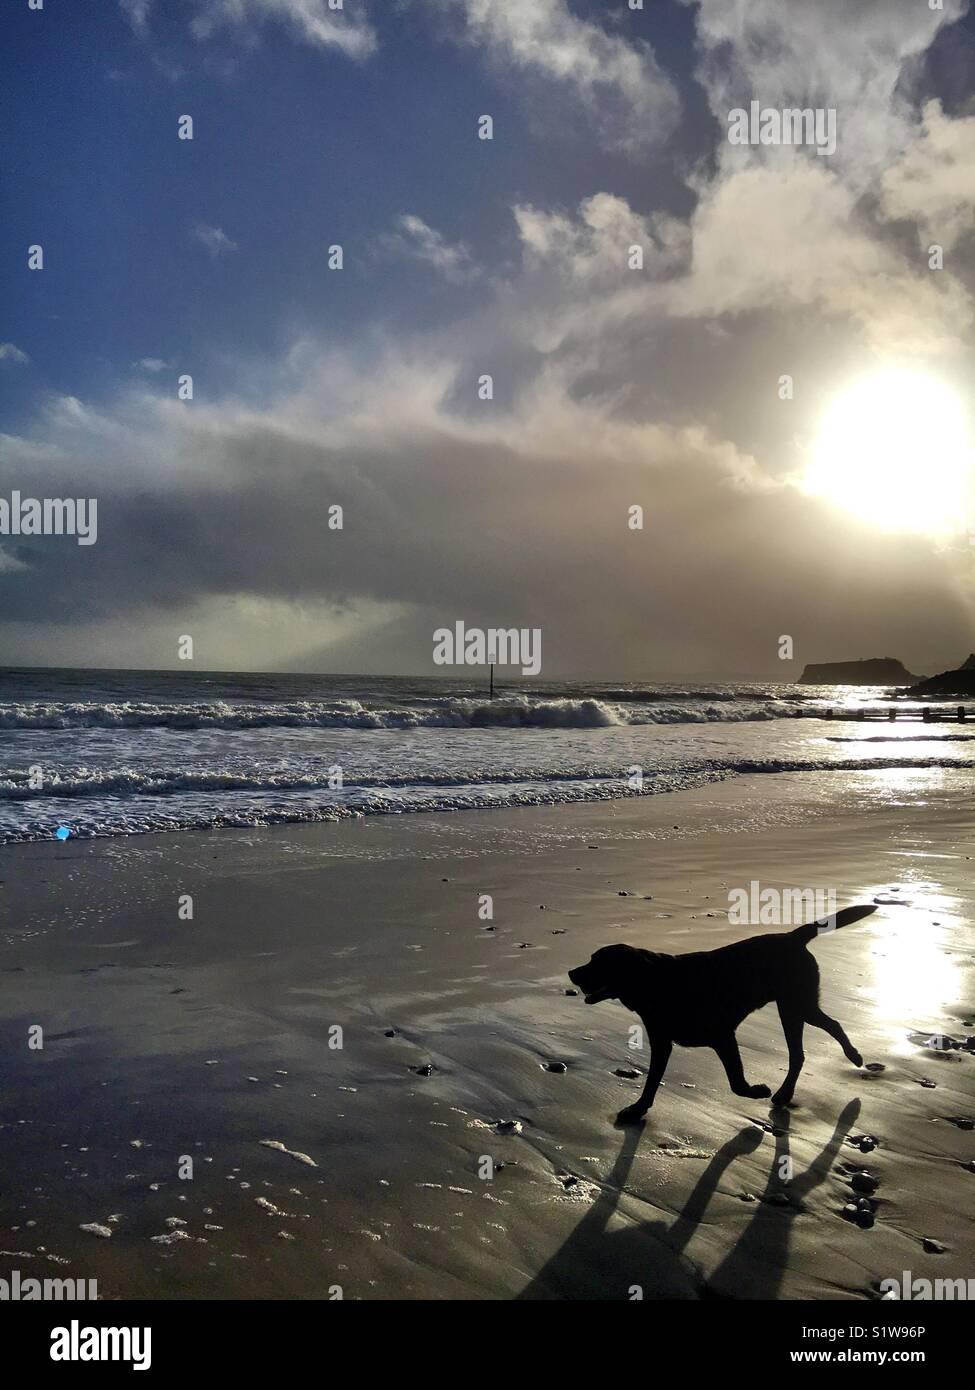 Dog on dawlish beach - Stock Image